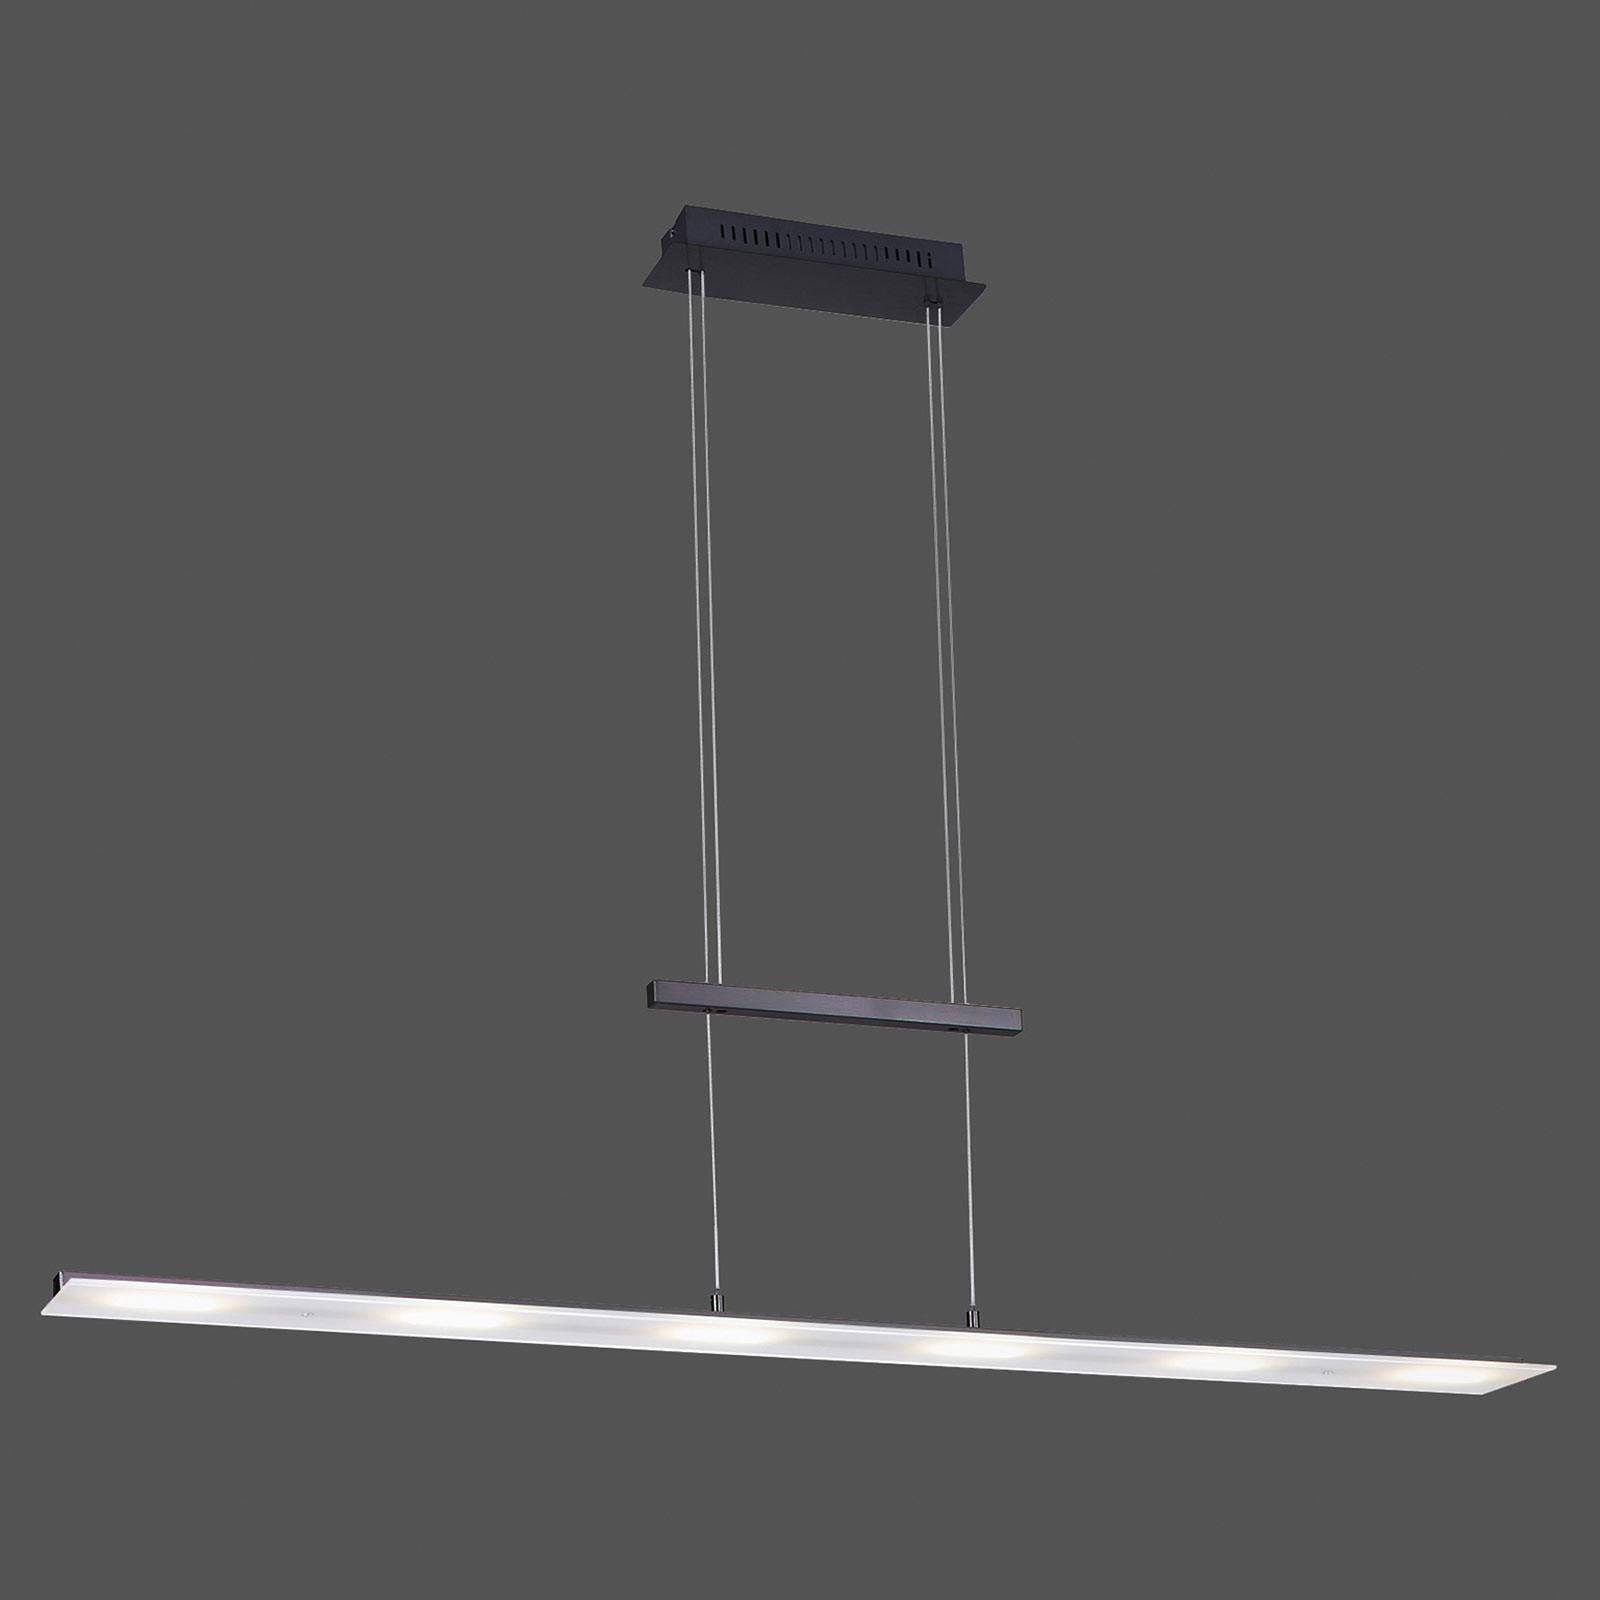 Lampa wisząca LED Nele, czujnik, antracyt